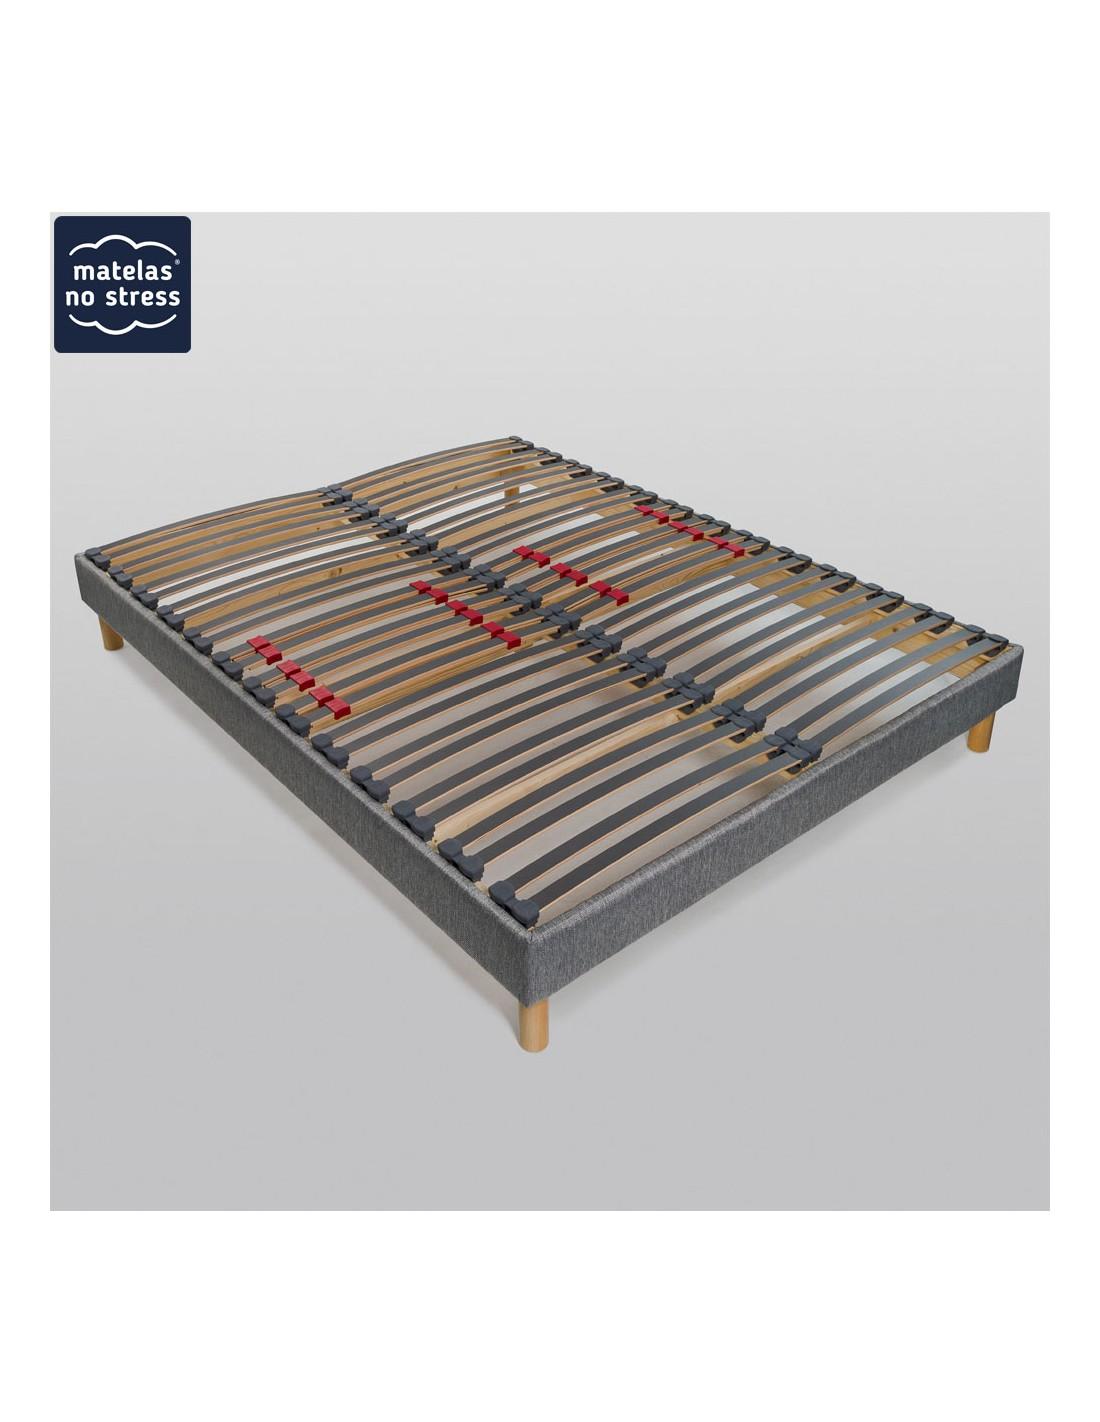 sommier tissu d co dimension du sommier d co 70x190. Black Bedroom Furniture Sets. Home Design Ideas